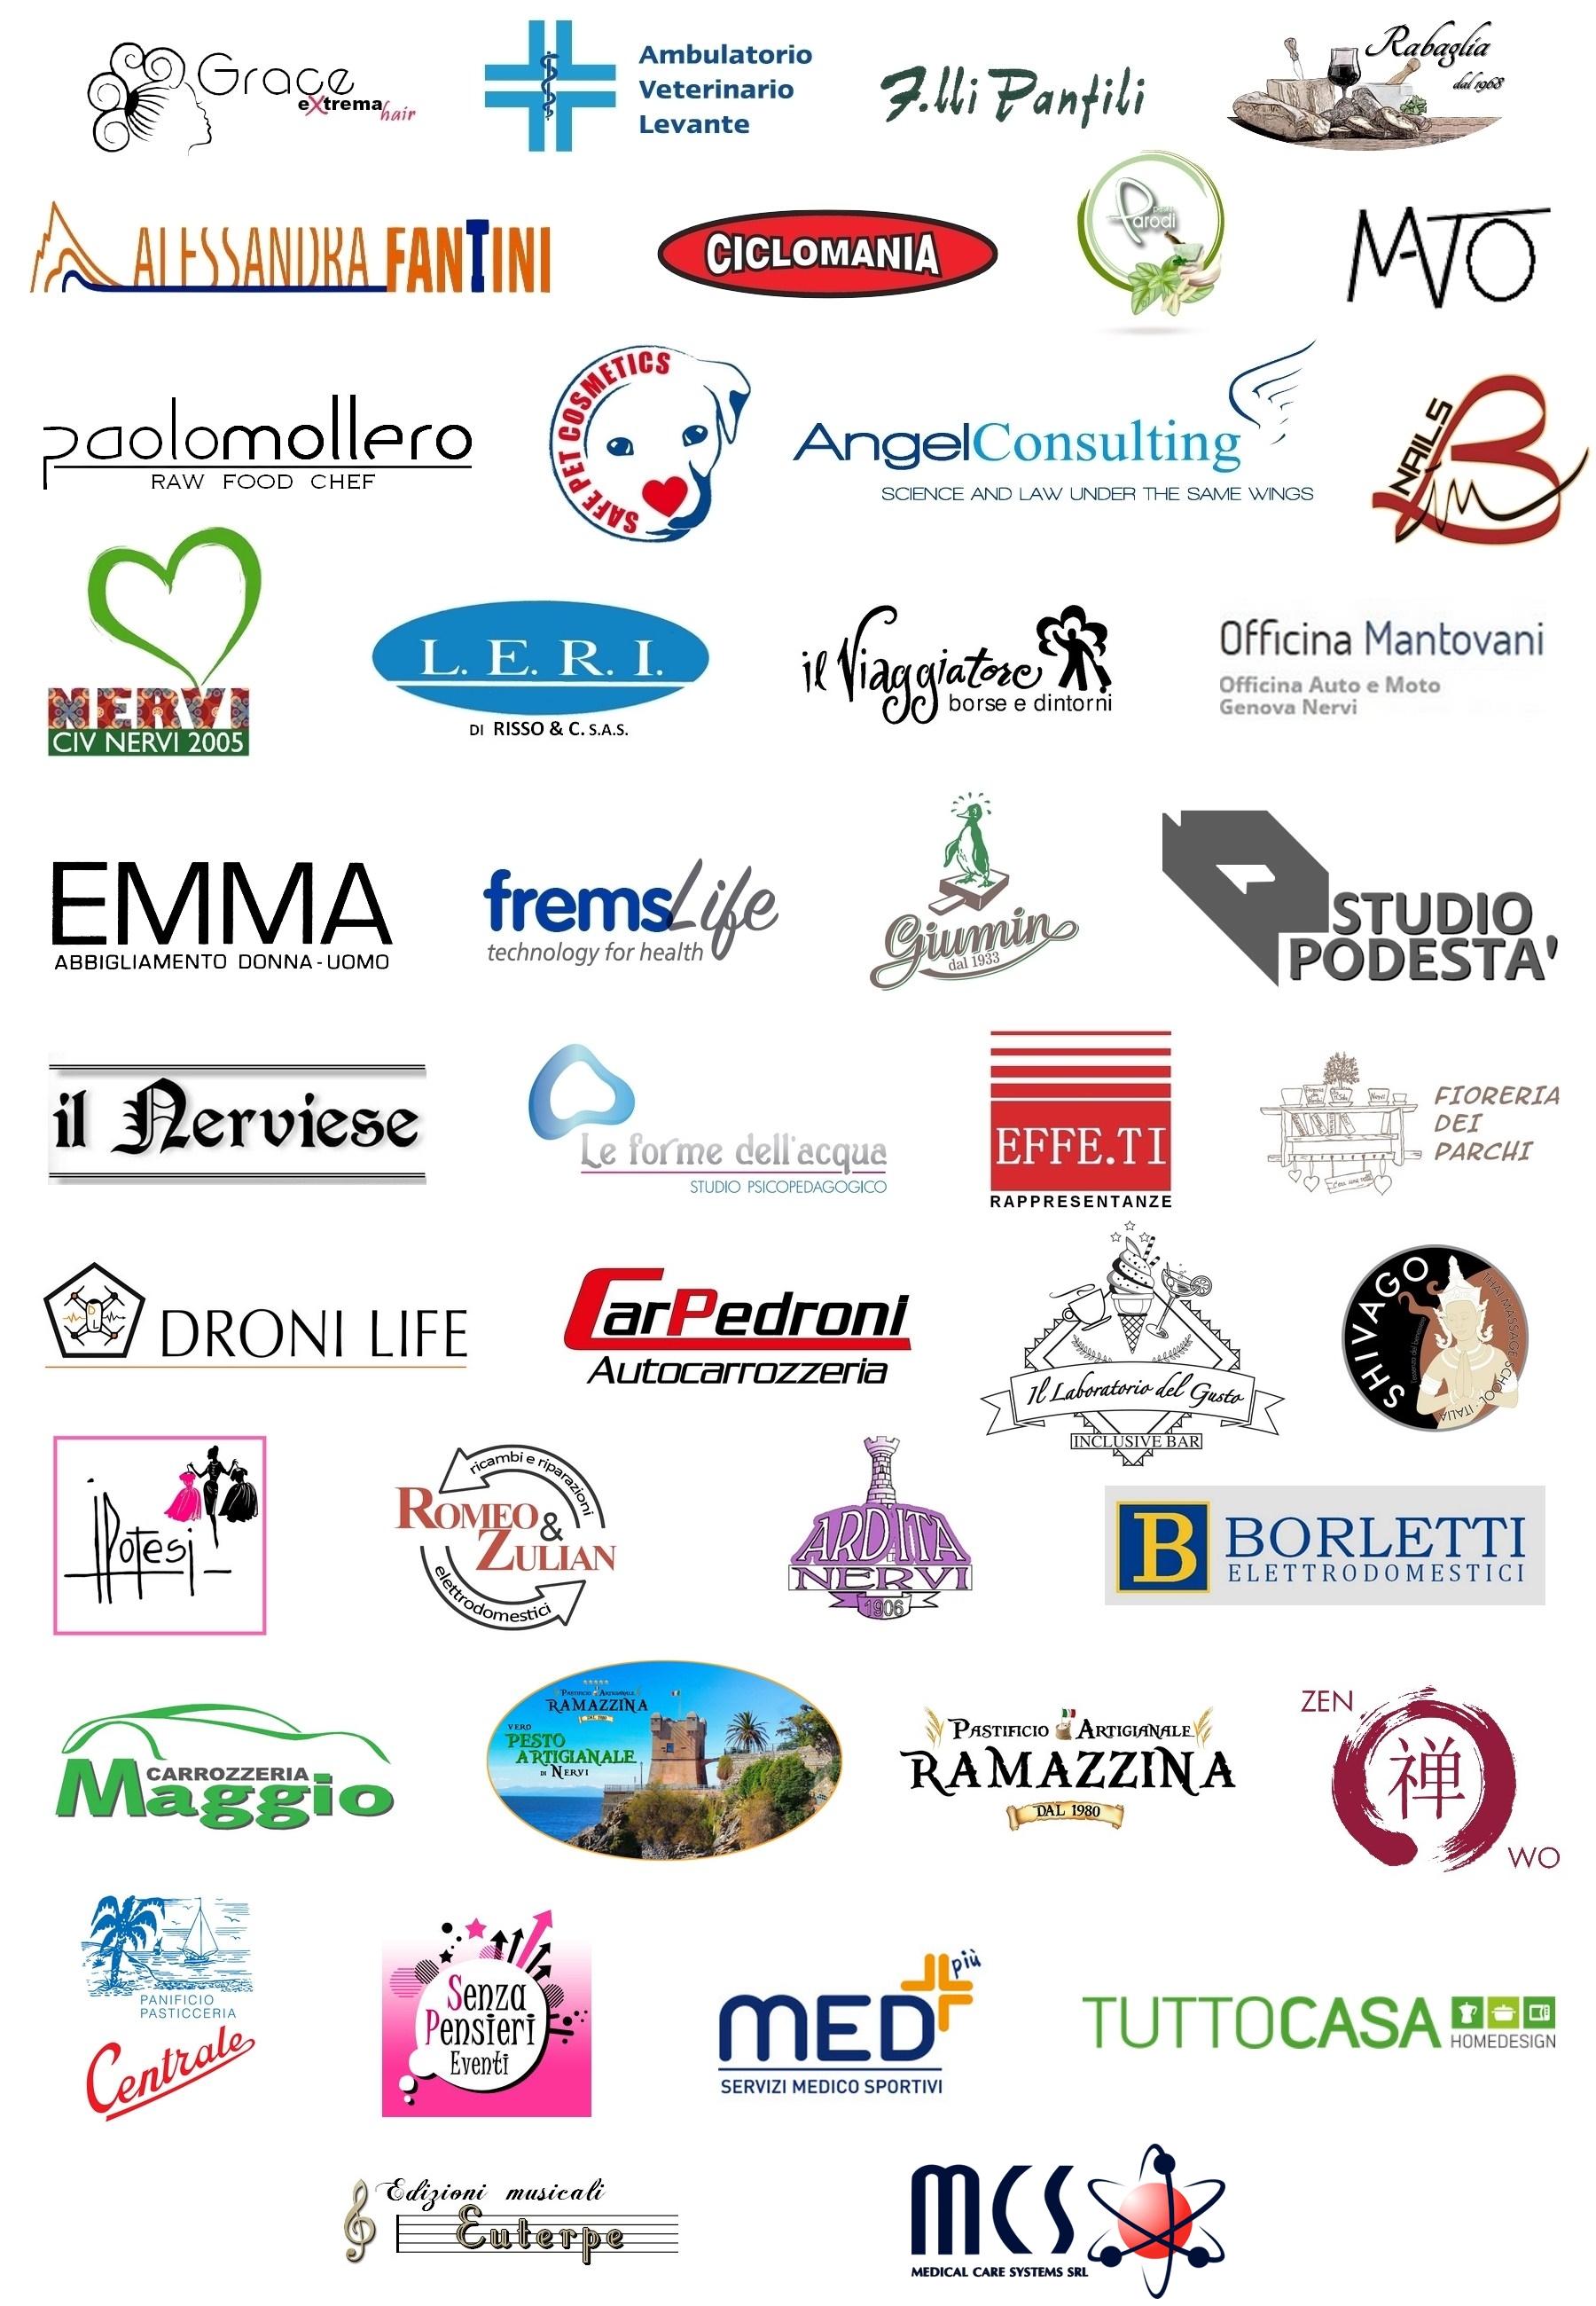 MG Web Serivice - Creazione Siti Internet Genova